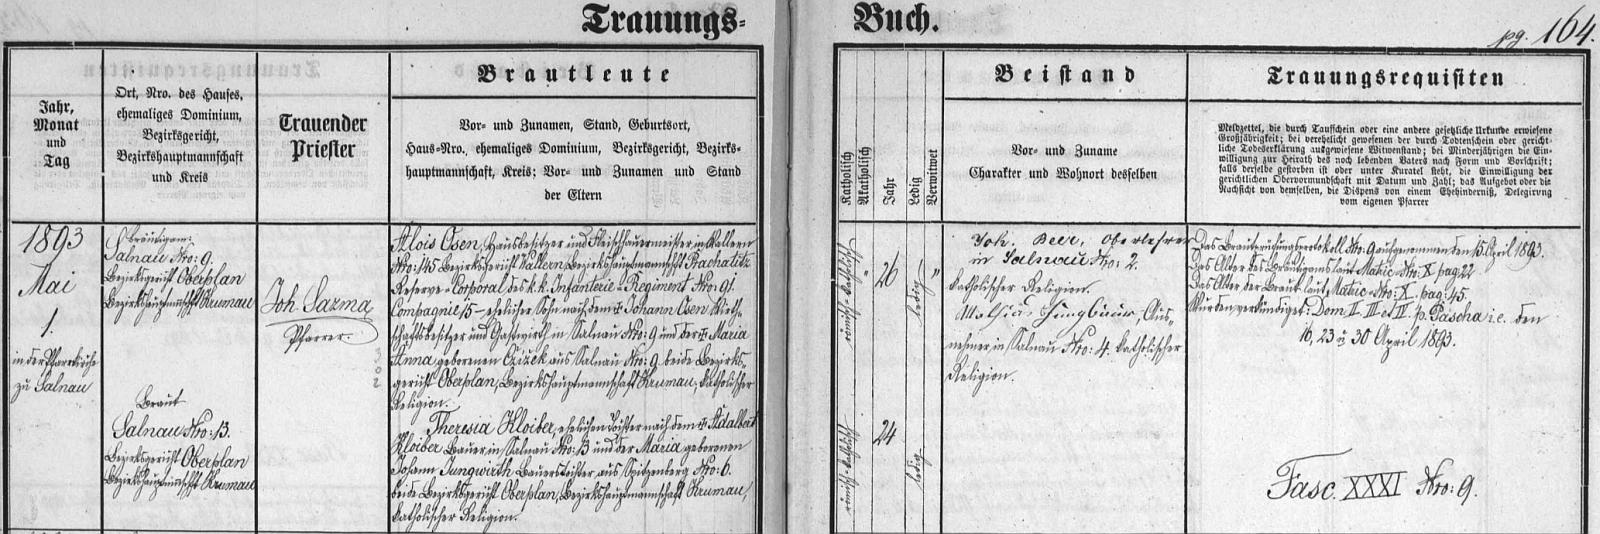 Záznam želnavské oddací matriky, psaný rukou zdejšího faráře Johanna Sazmy, o zdejší svatbě otcových rodičů, tj. Aloise Osena, majitele domu a řeznického mistra ve Volarech (Wallern) čp. 145, jinak záložního kaprála c.k. pěšího pluku č. 91, kumpanie 15, syna majitele hospodářství a hostinského v Želnavě (Salnau) čp.9 Johanna Osena a Anny, roz. Cžížek ze Želnavy čp. 9, s Theresií Kloiberovou, manželskou dcerou Adalberta Kloibera, rolníka v Želnavě čp. 3, a Marie, roz. Jungwirthové, selské dcery ze Spitzenbergu (osada zanikla pod českým místním jménem Hory) čp. 6